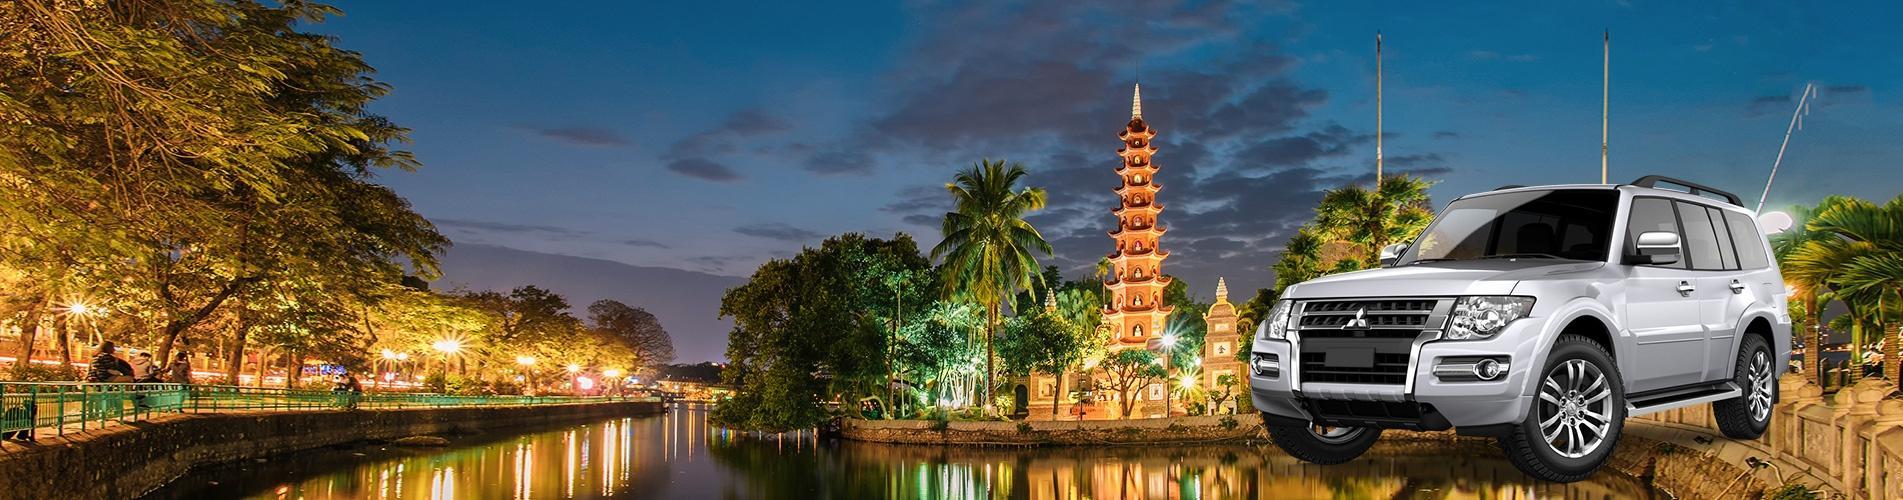 河內內排機場 至 河內市區 機場接送 Hanoi International Airport (Noi Bai) Vietnam Private Transfer